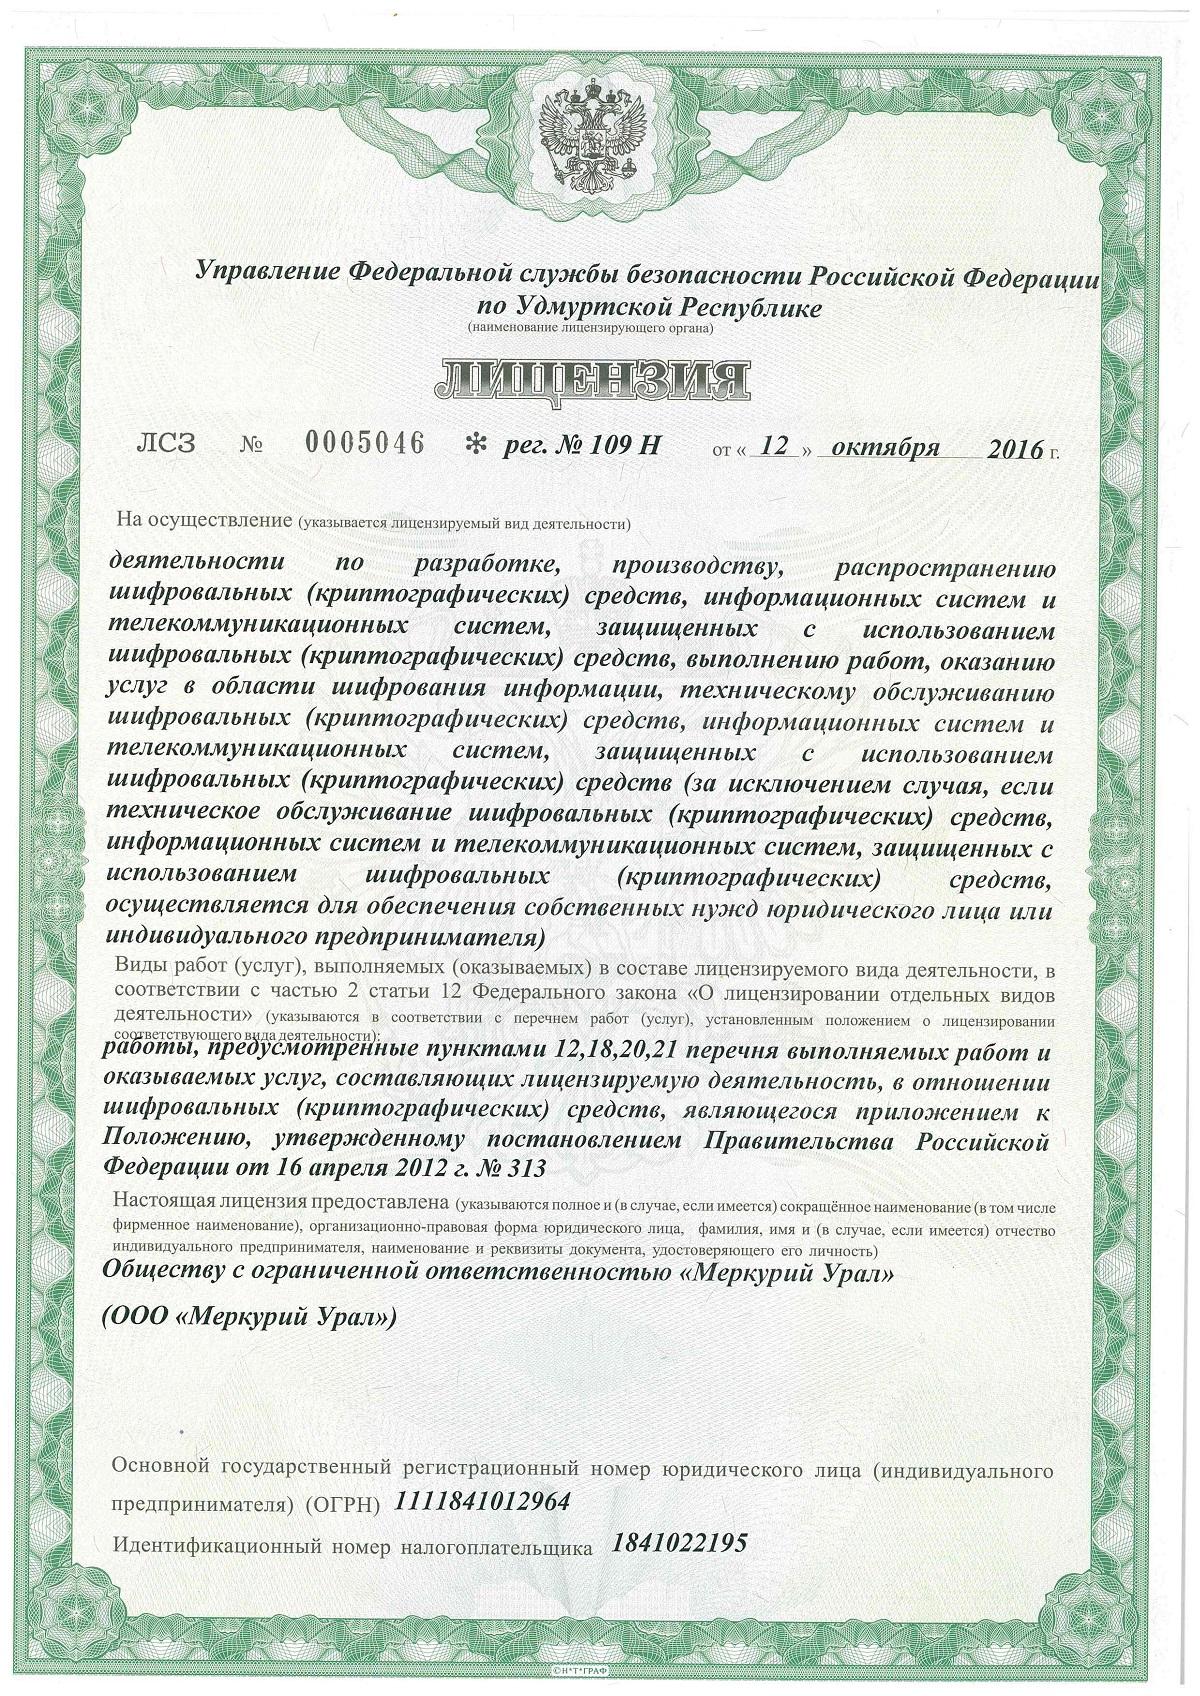 Лицензия Управления Федеральной службы безопасности